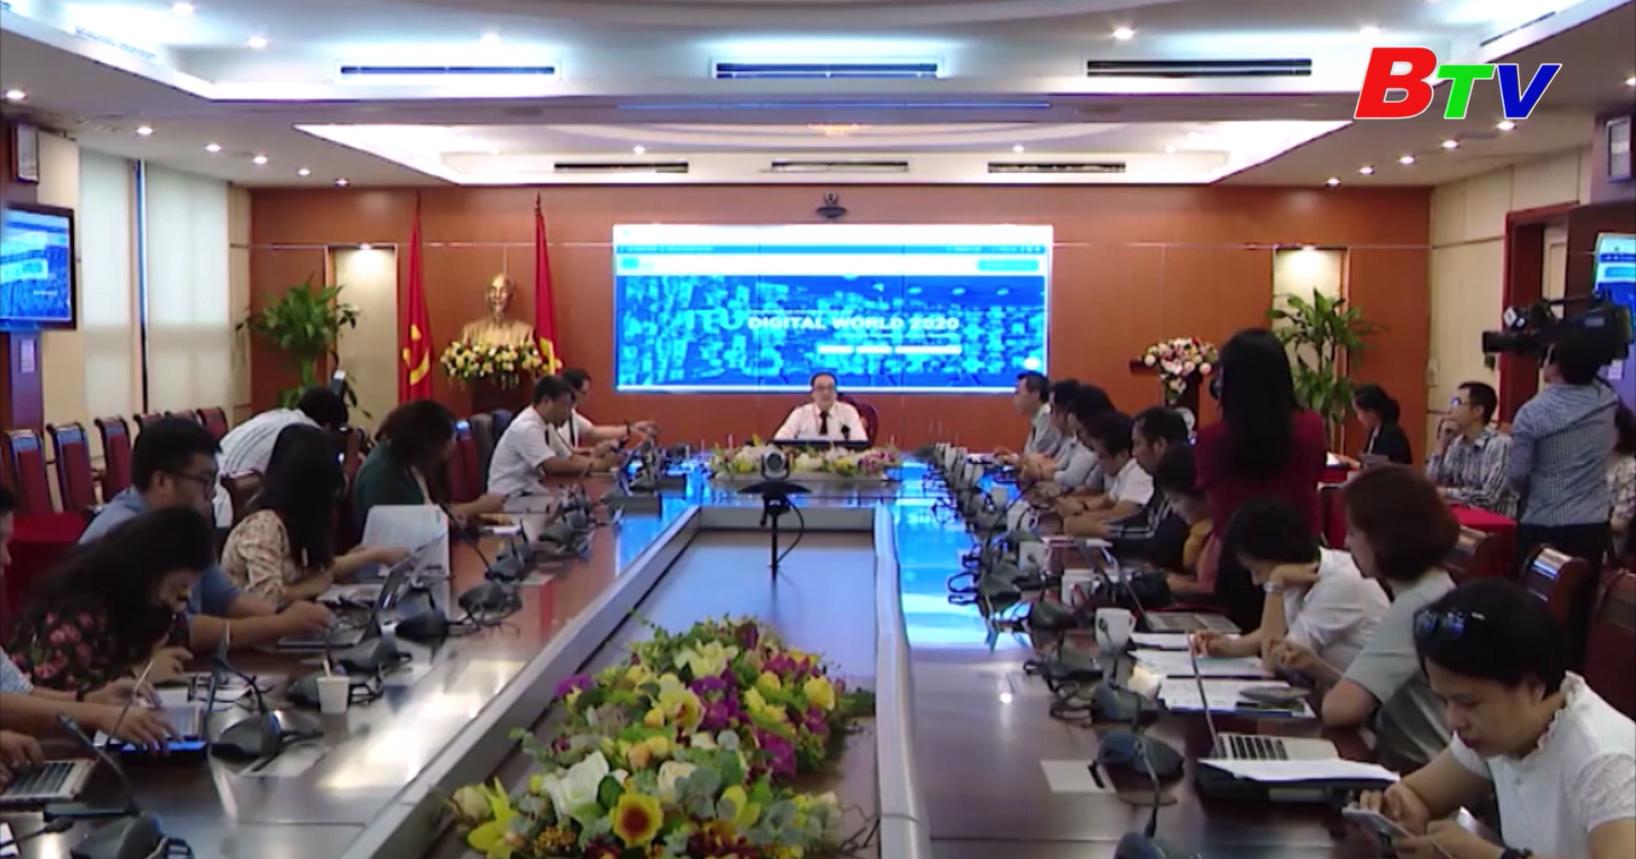 Việt Nam tổ chức Hội nghị và Triển lãm Thế giới số 2020